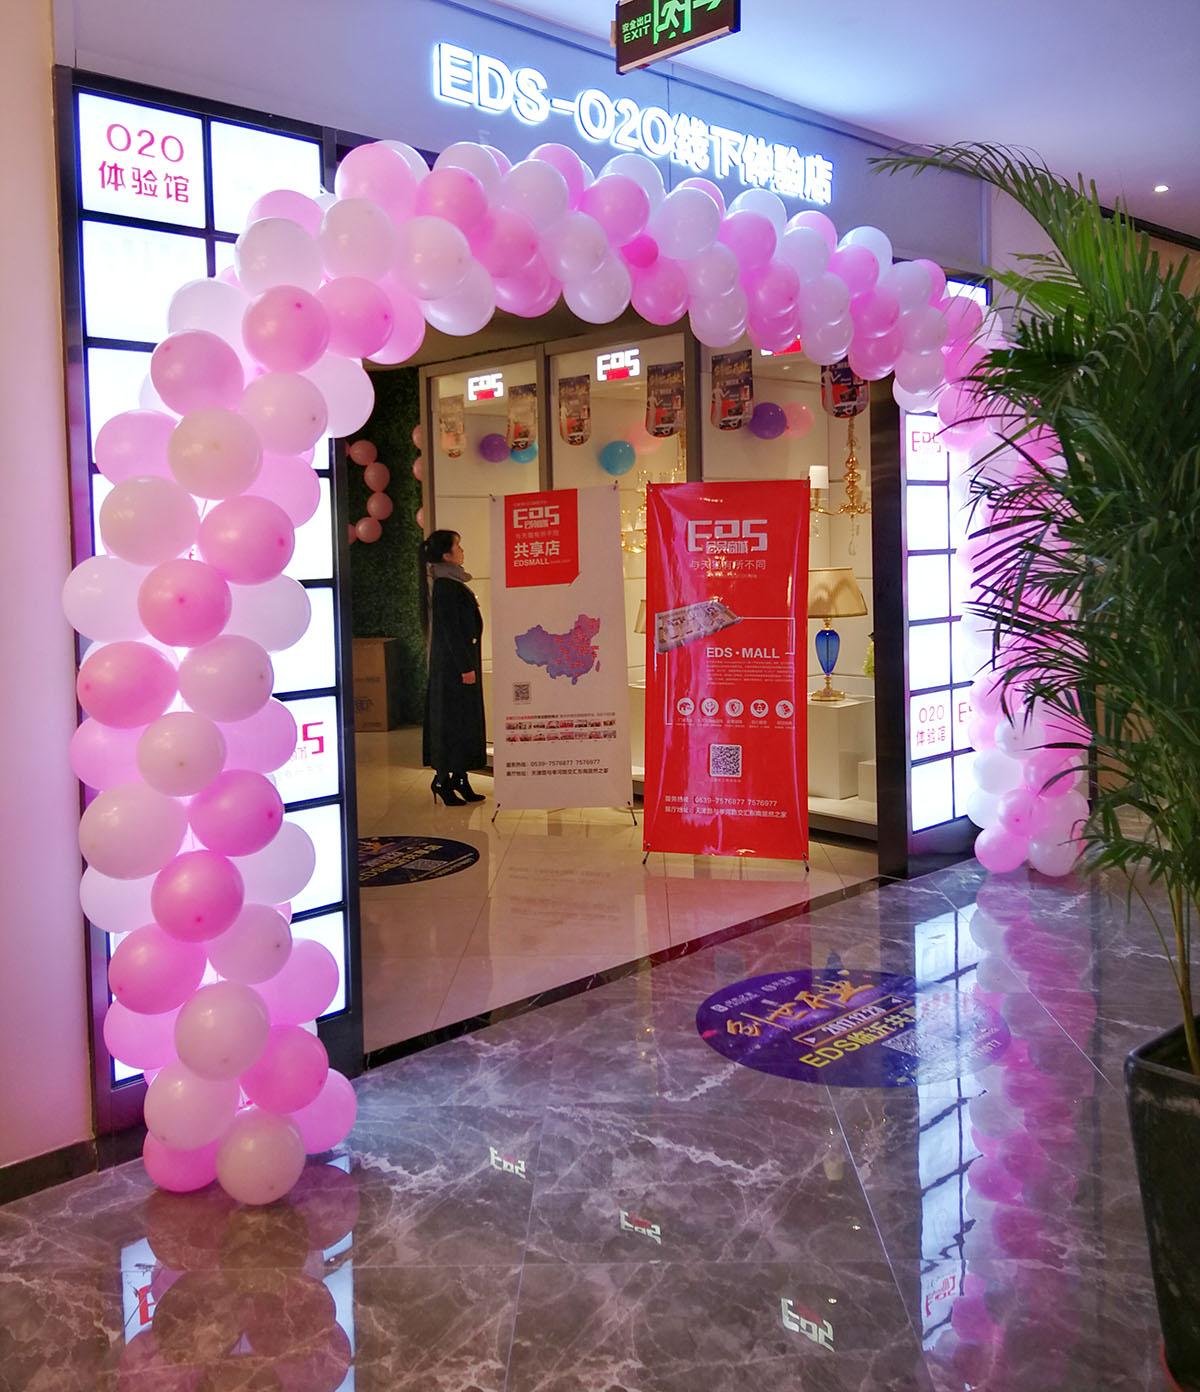 热烈祝贺EDS会员商城山东临沂共享店盛大开业!